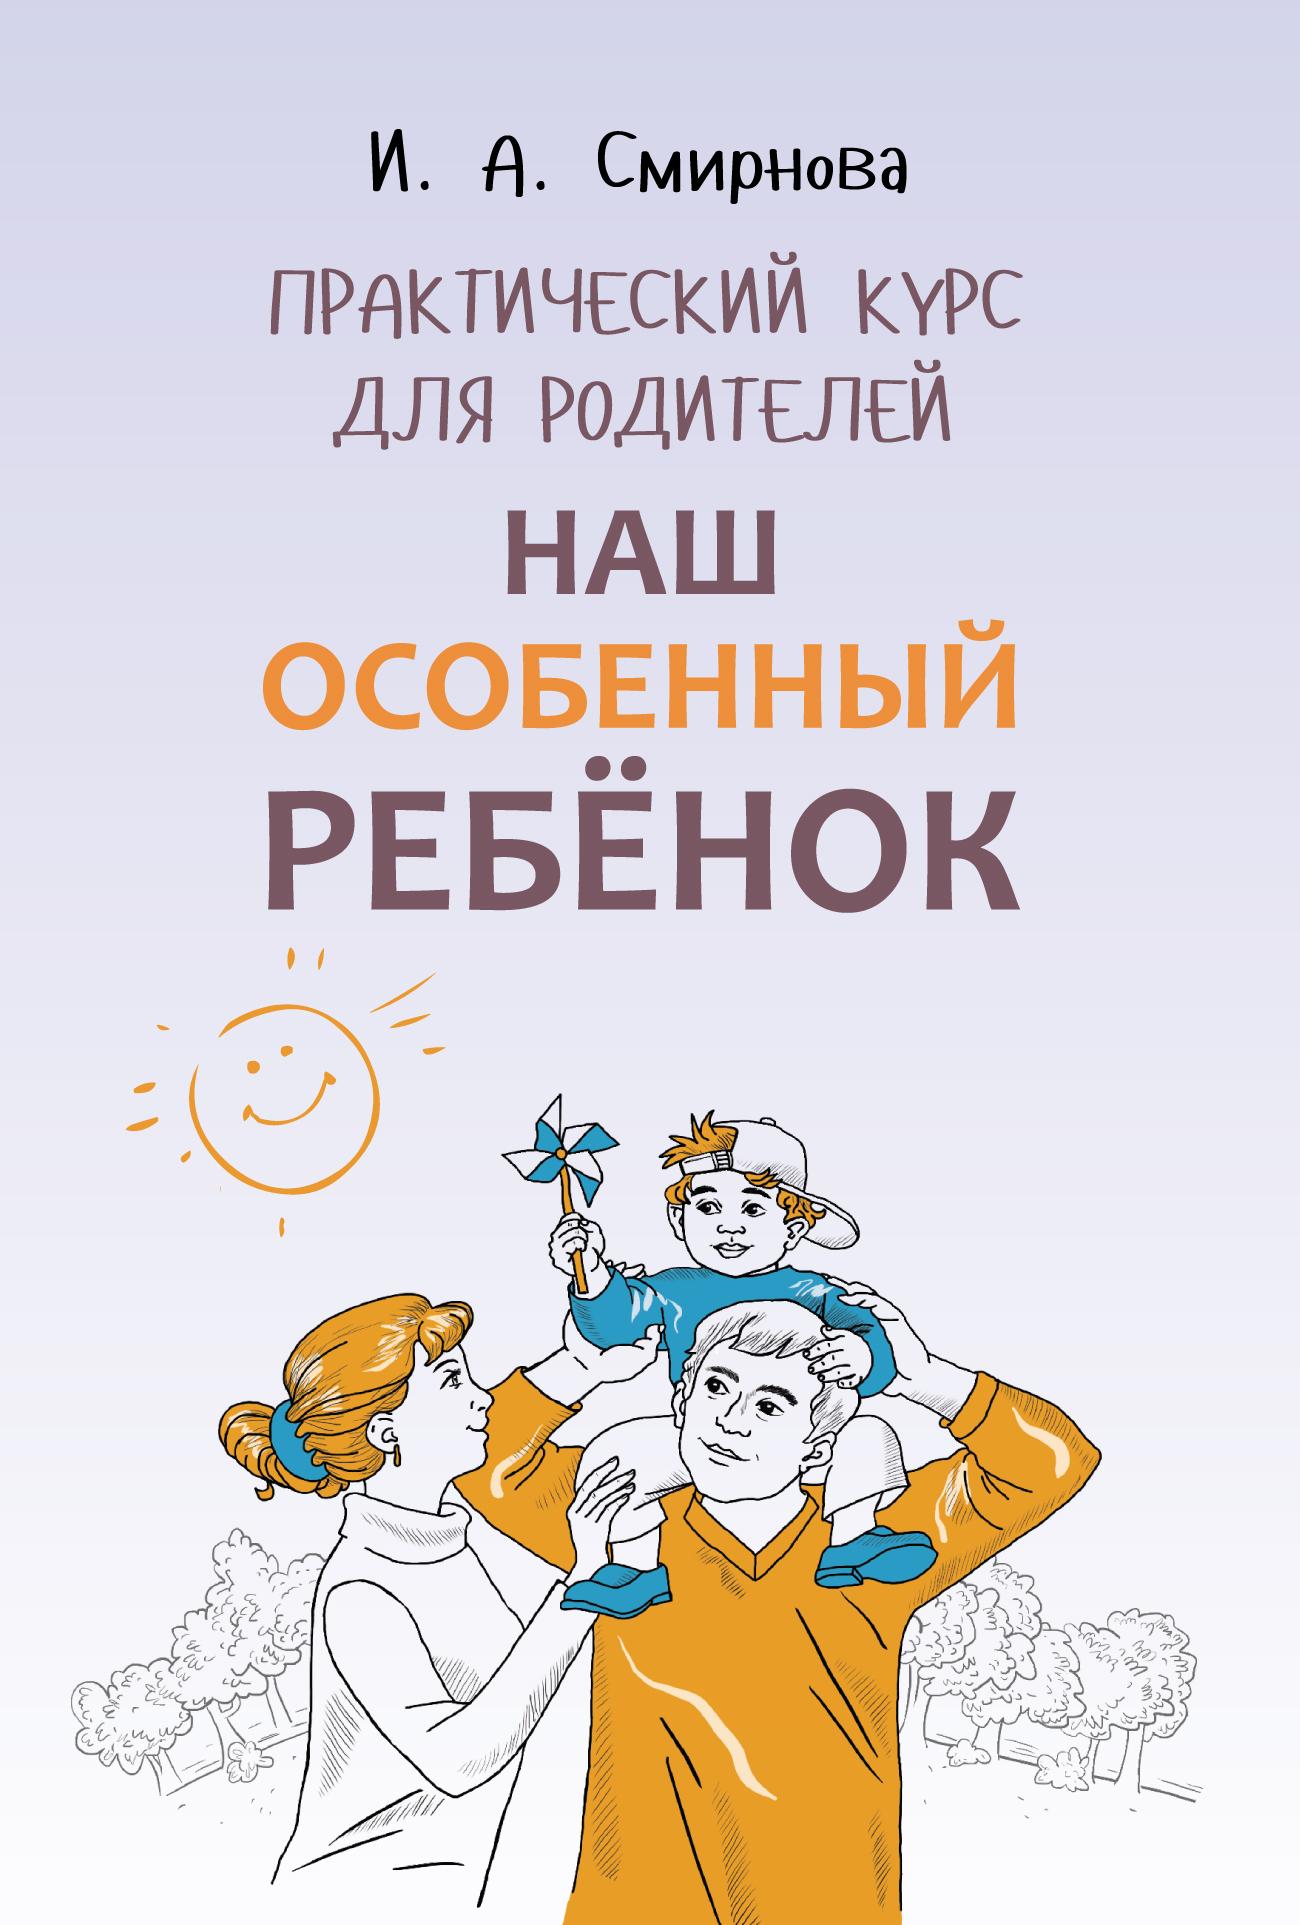 Купить книгу Наш особенный ребенок. Практический курс для родителей, автора И. А. Смирновой